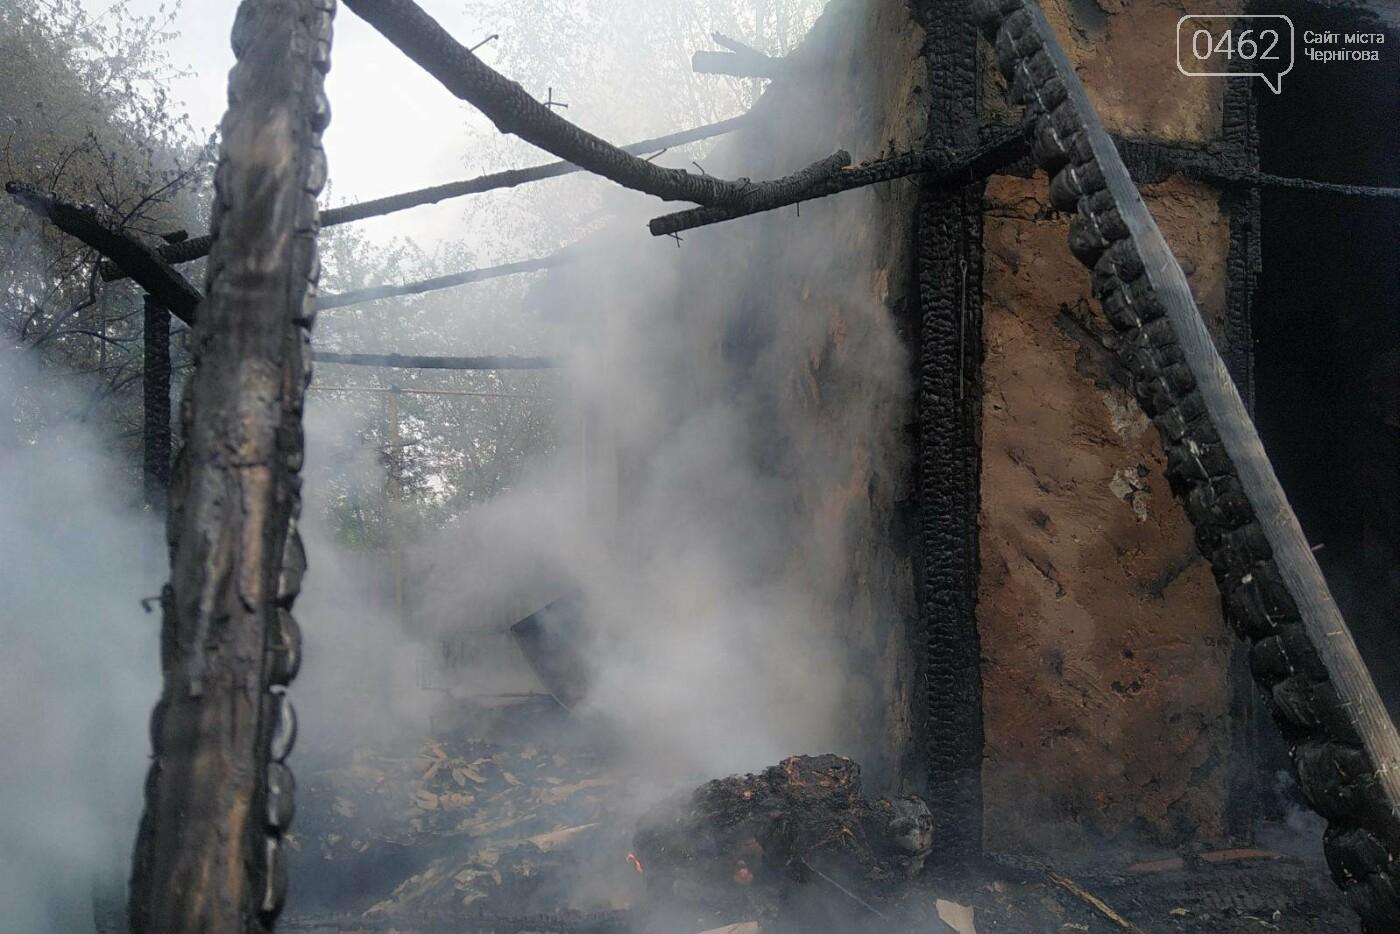 Горів приватний будинок на Чернігівщині: є загиблі, фото-5